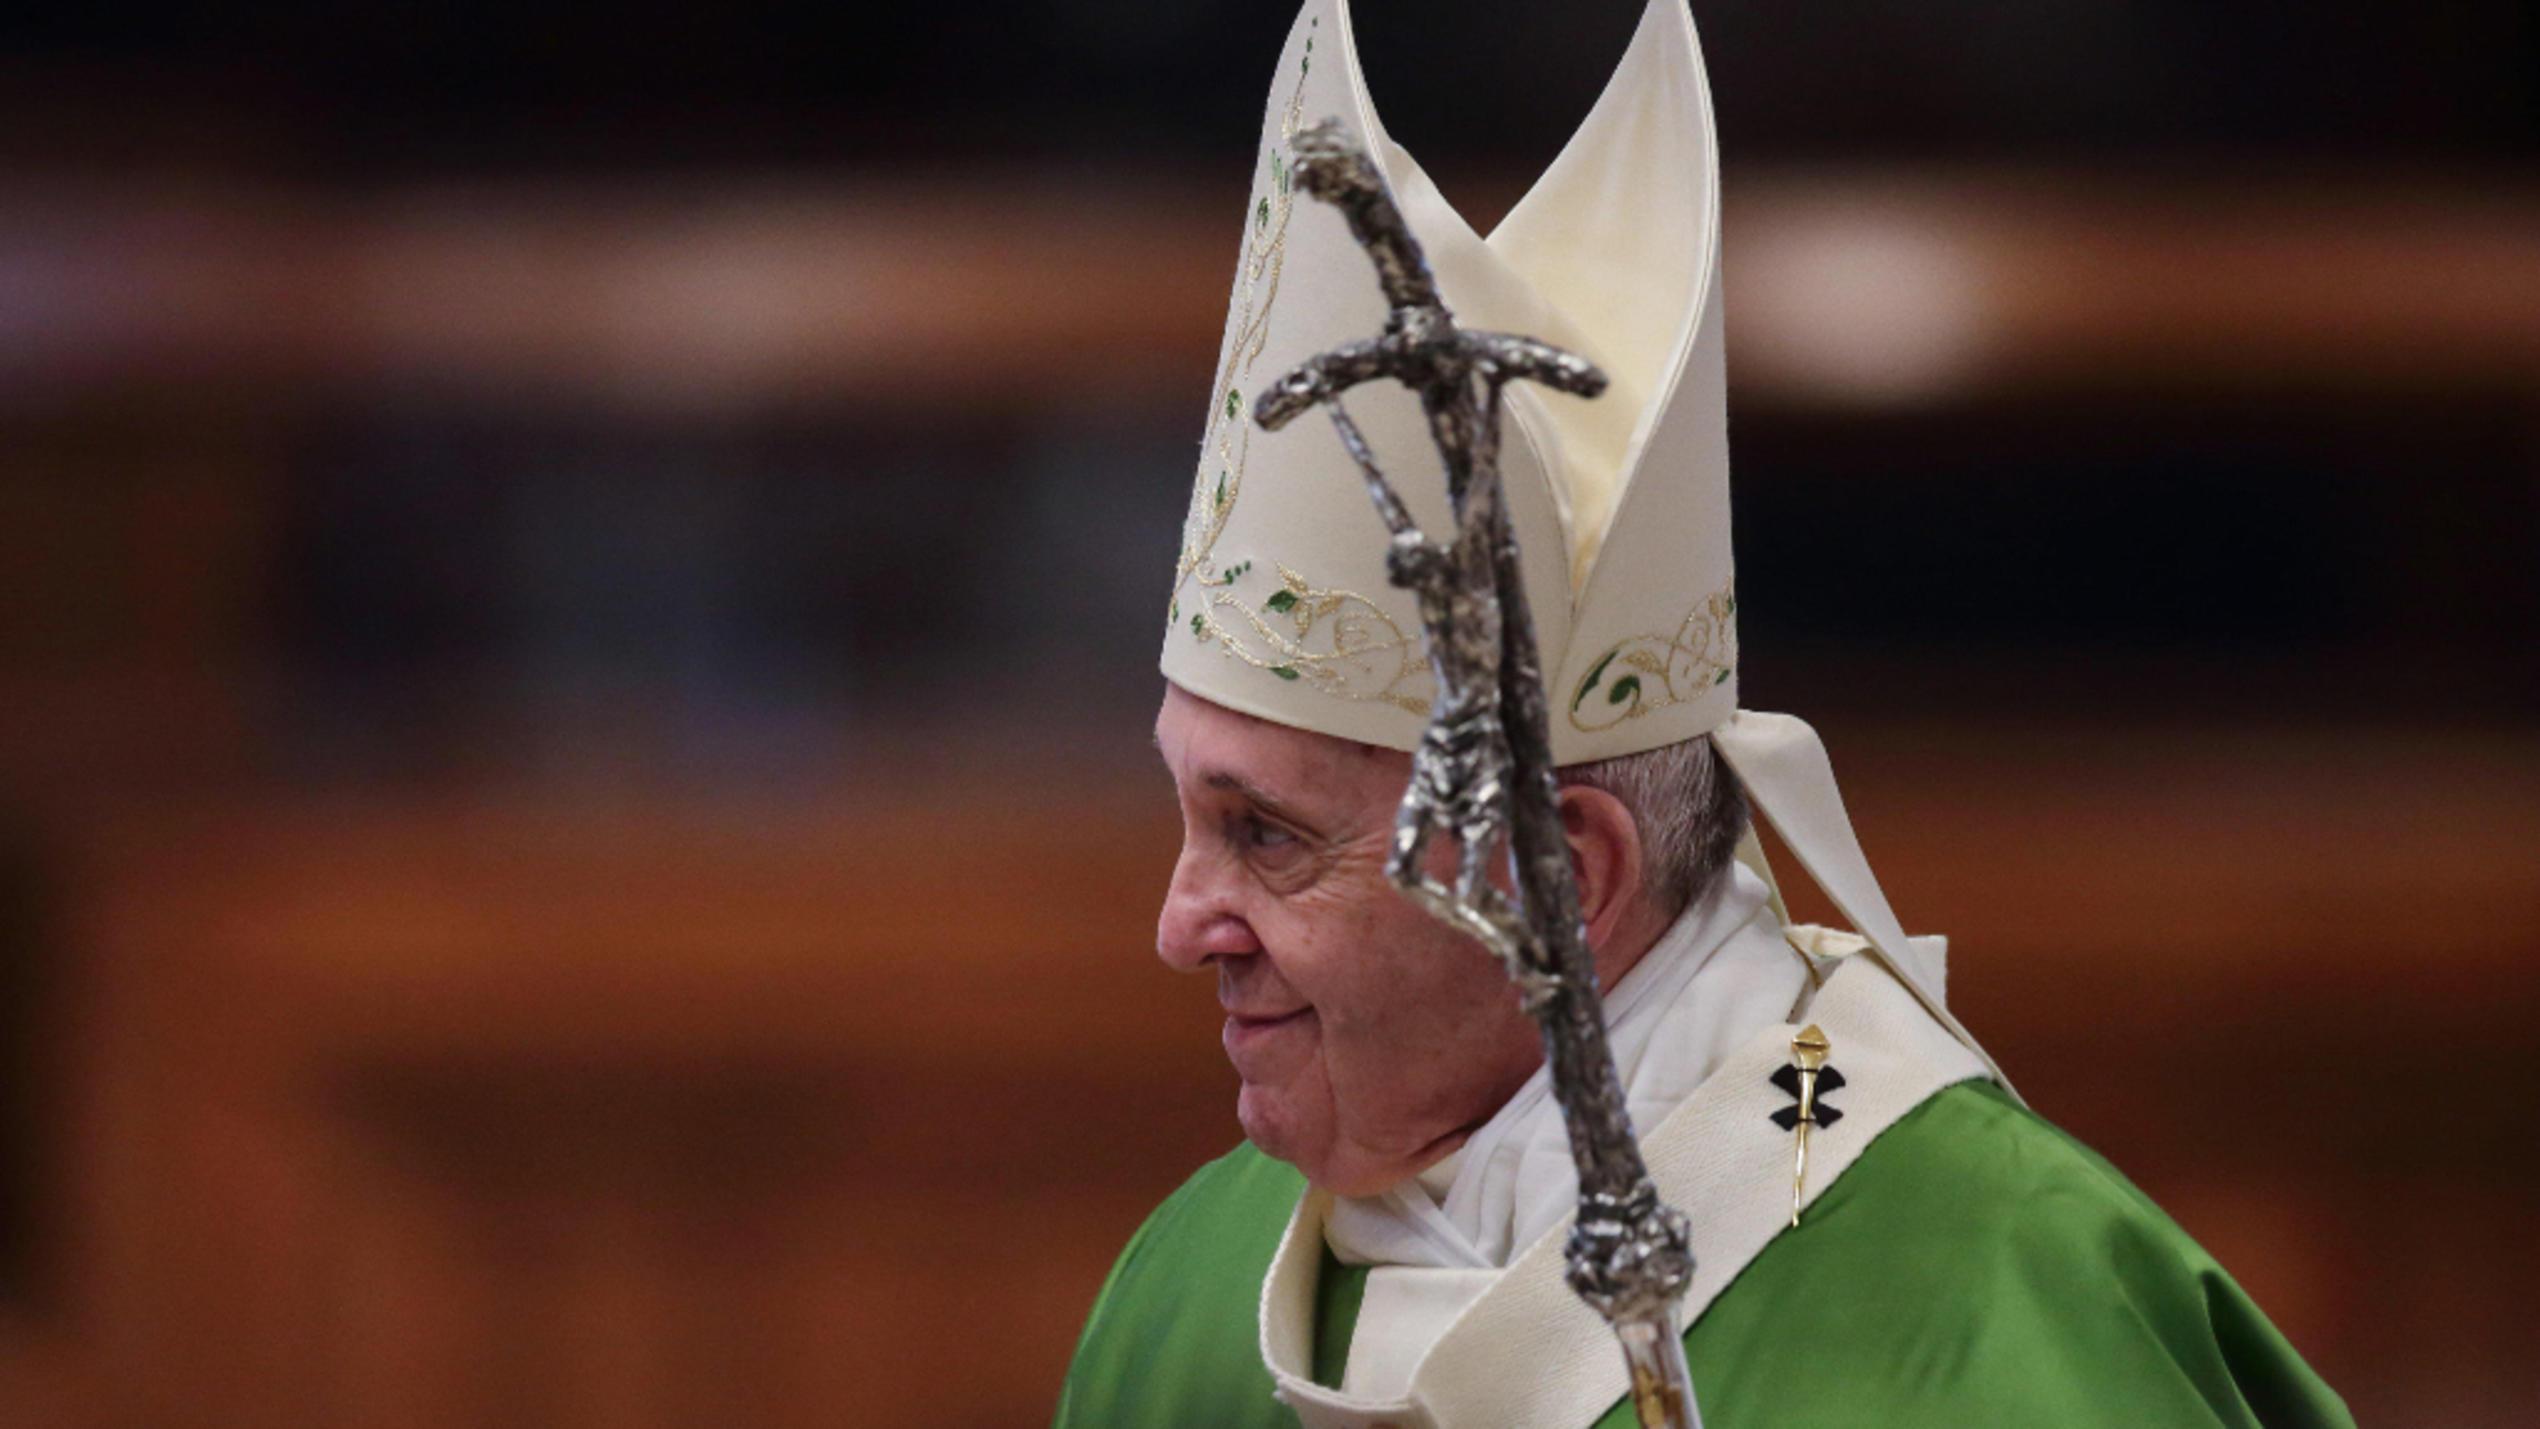 Papst Instagram